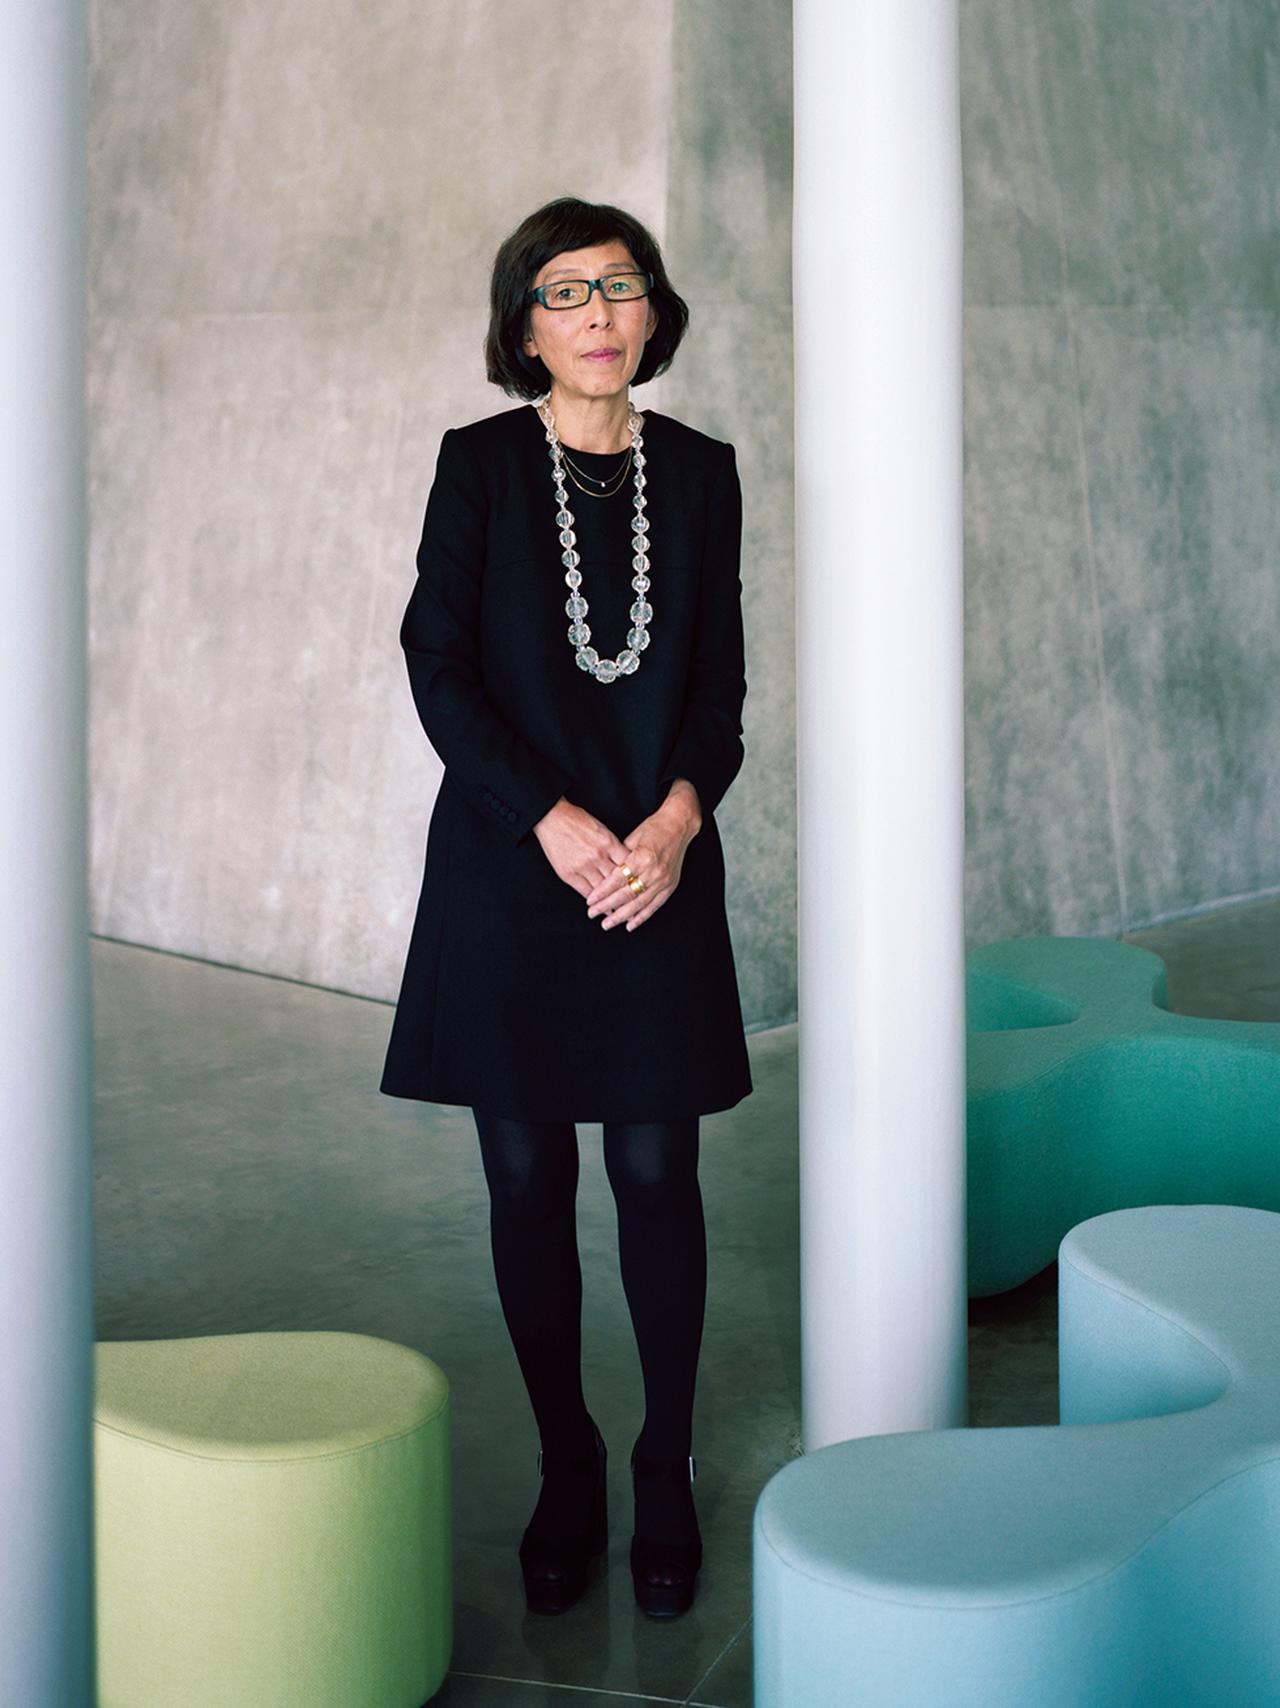 Images : 1番目の画像 - 「既成概念を軽やかに超える 建築家・妹島和世」のアルバム - T JAPAN:The New York Times Style Magazine 公式サイト